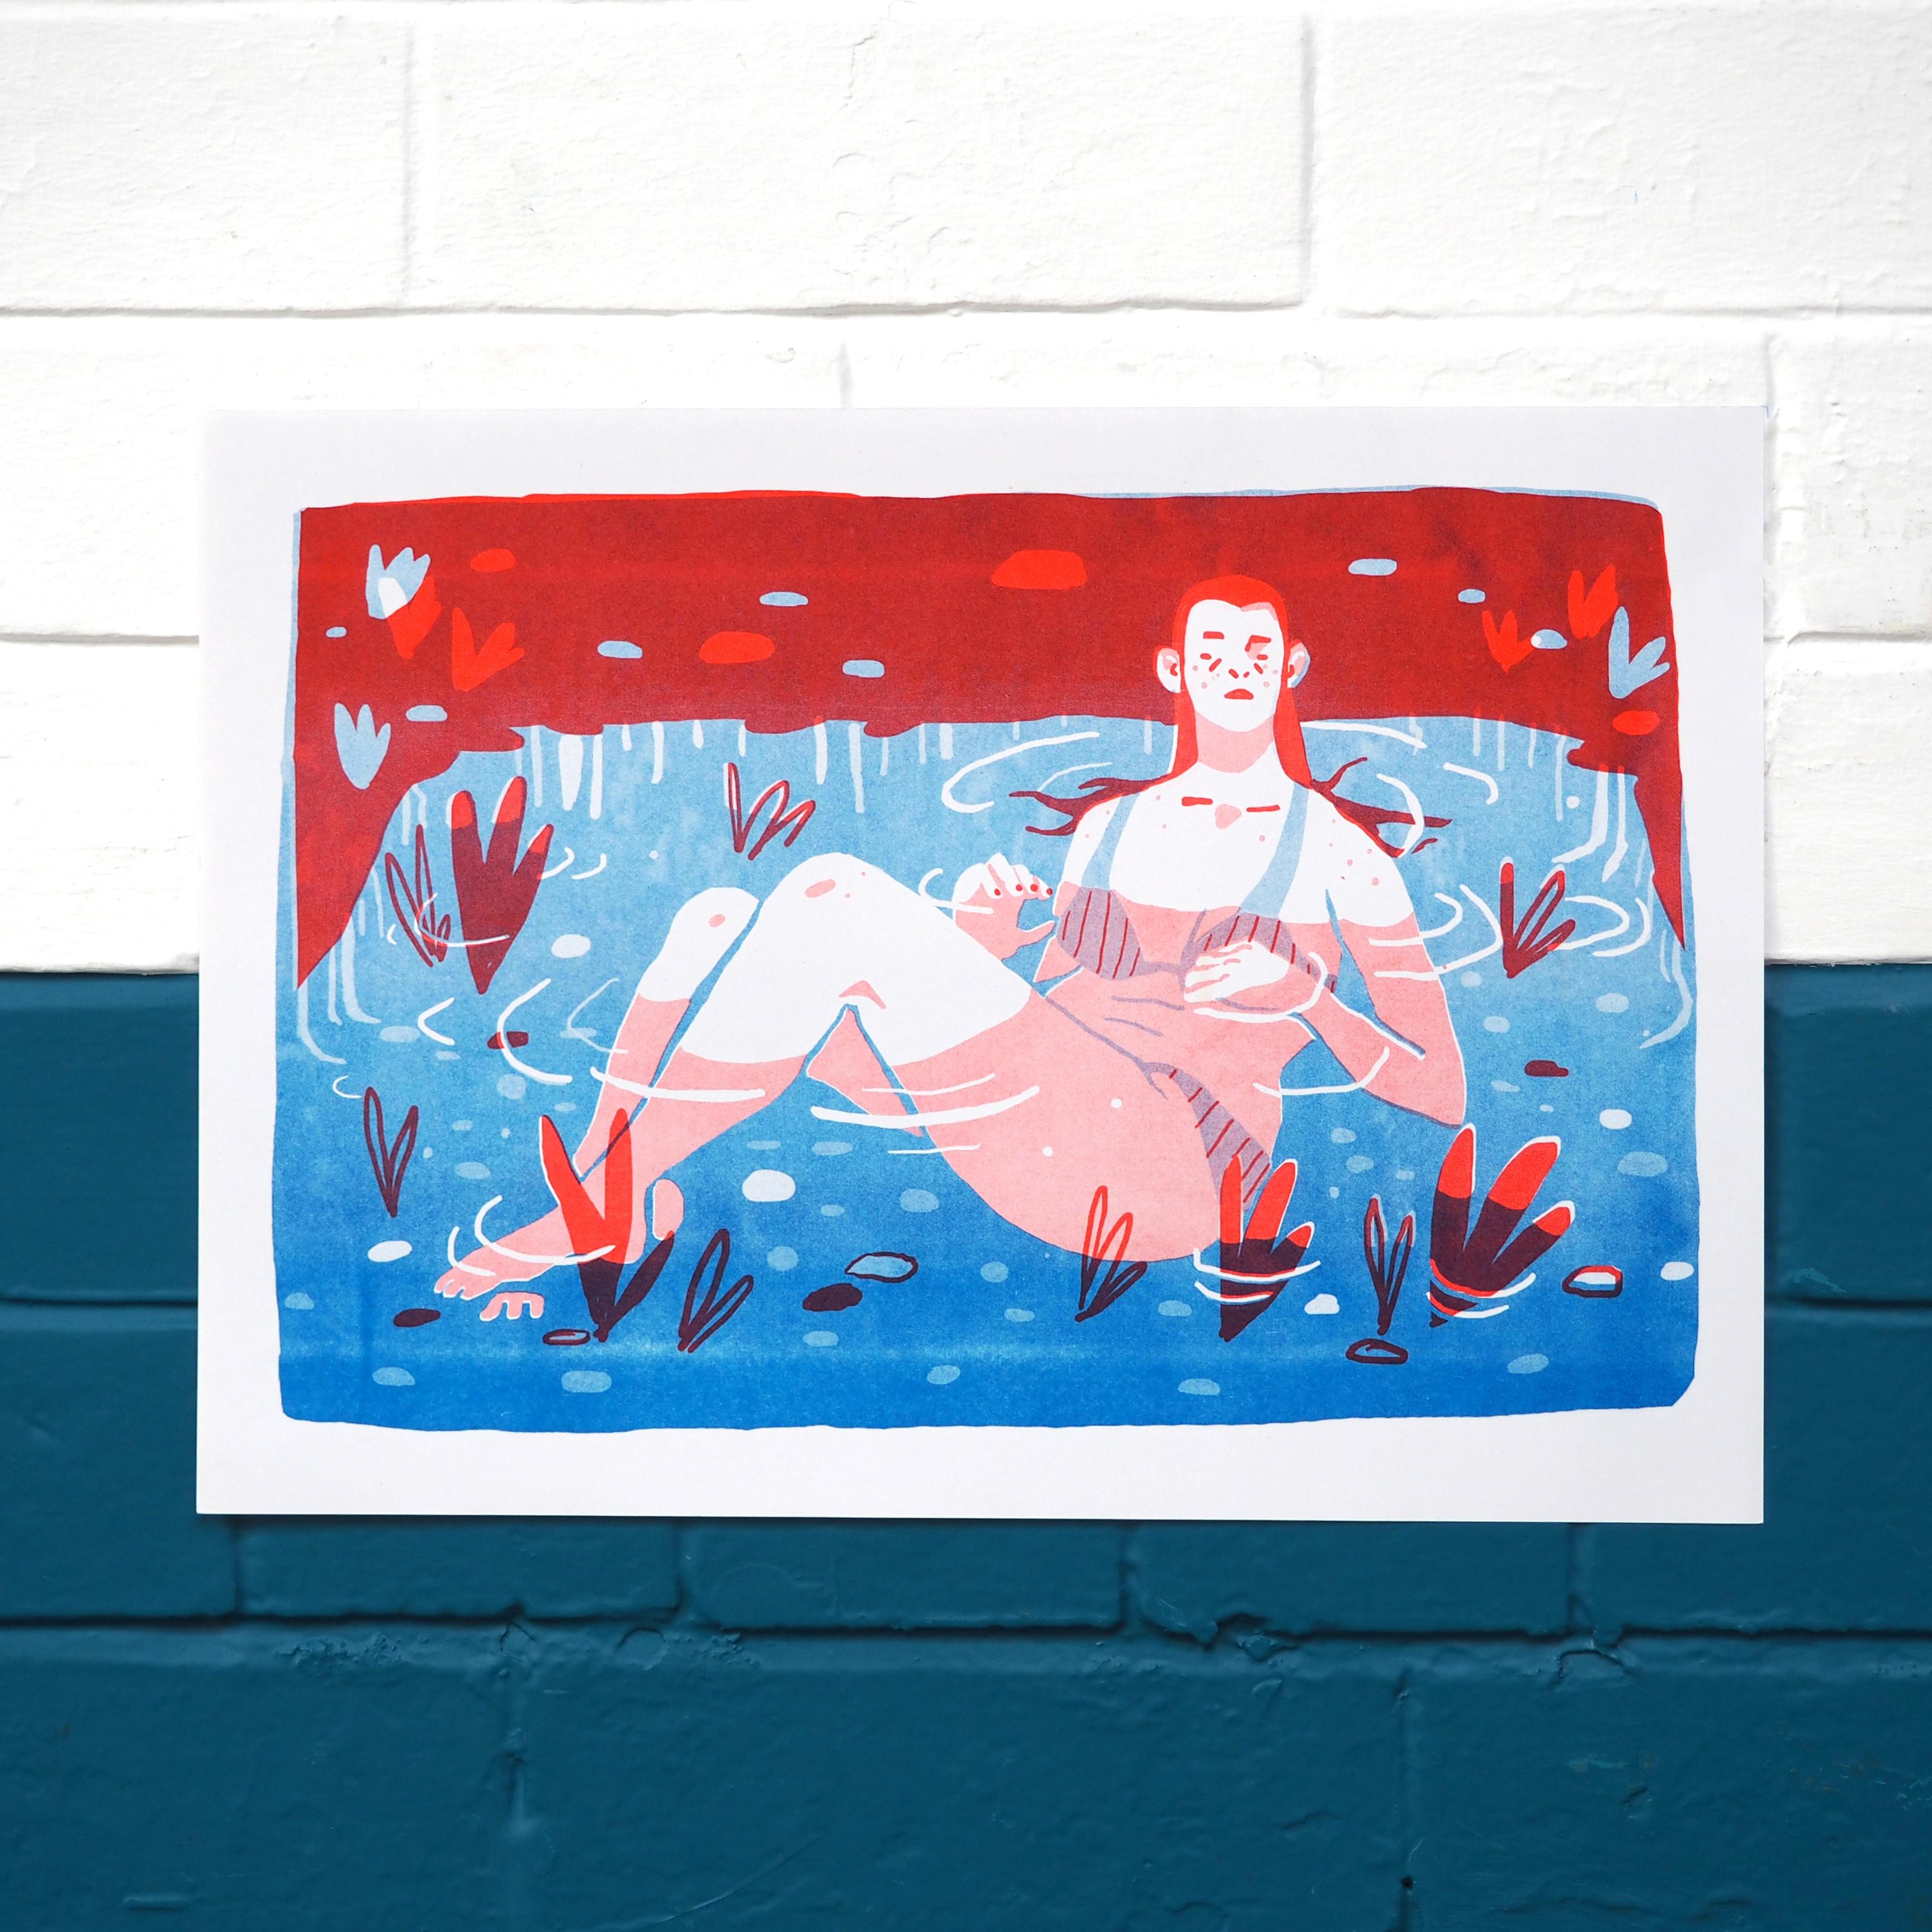 Pool - Nicola Henry